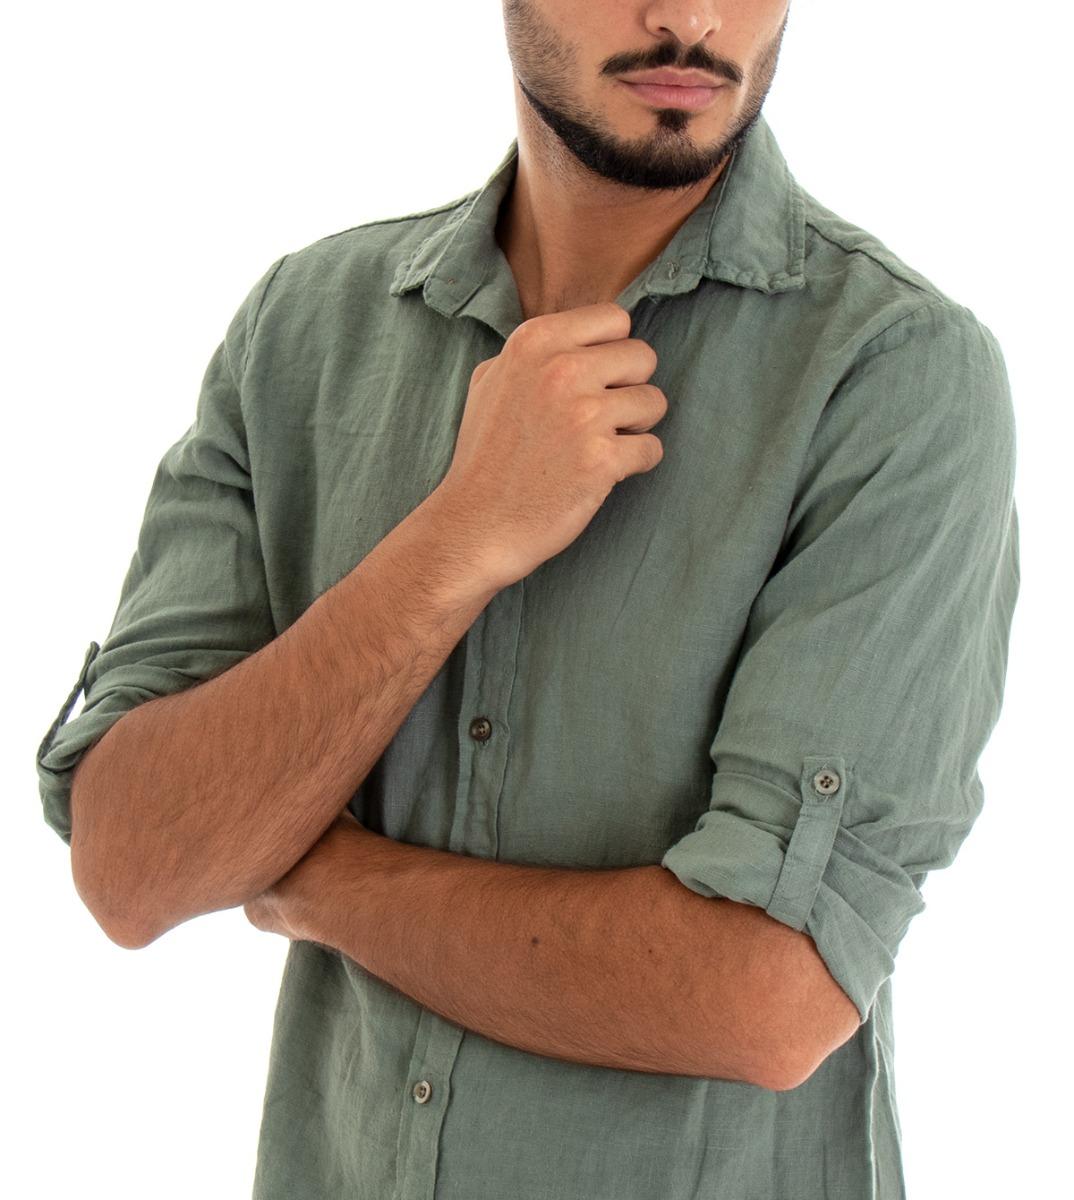 Camicia-Uomo-Lino-Maniche-Lunghe-Colletto-Tinta-Unita-Verde-GIOSAL miniatura 5